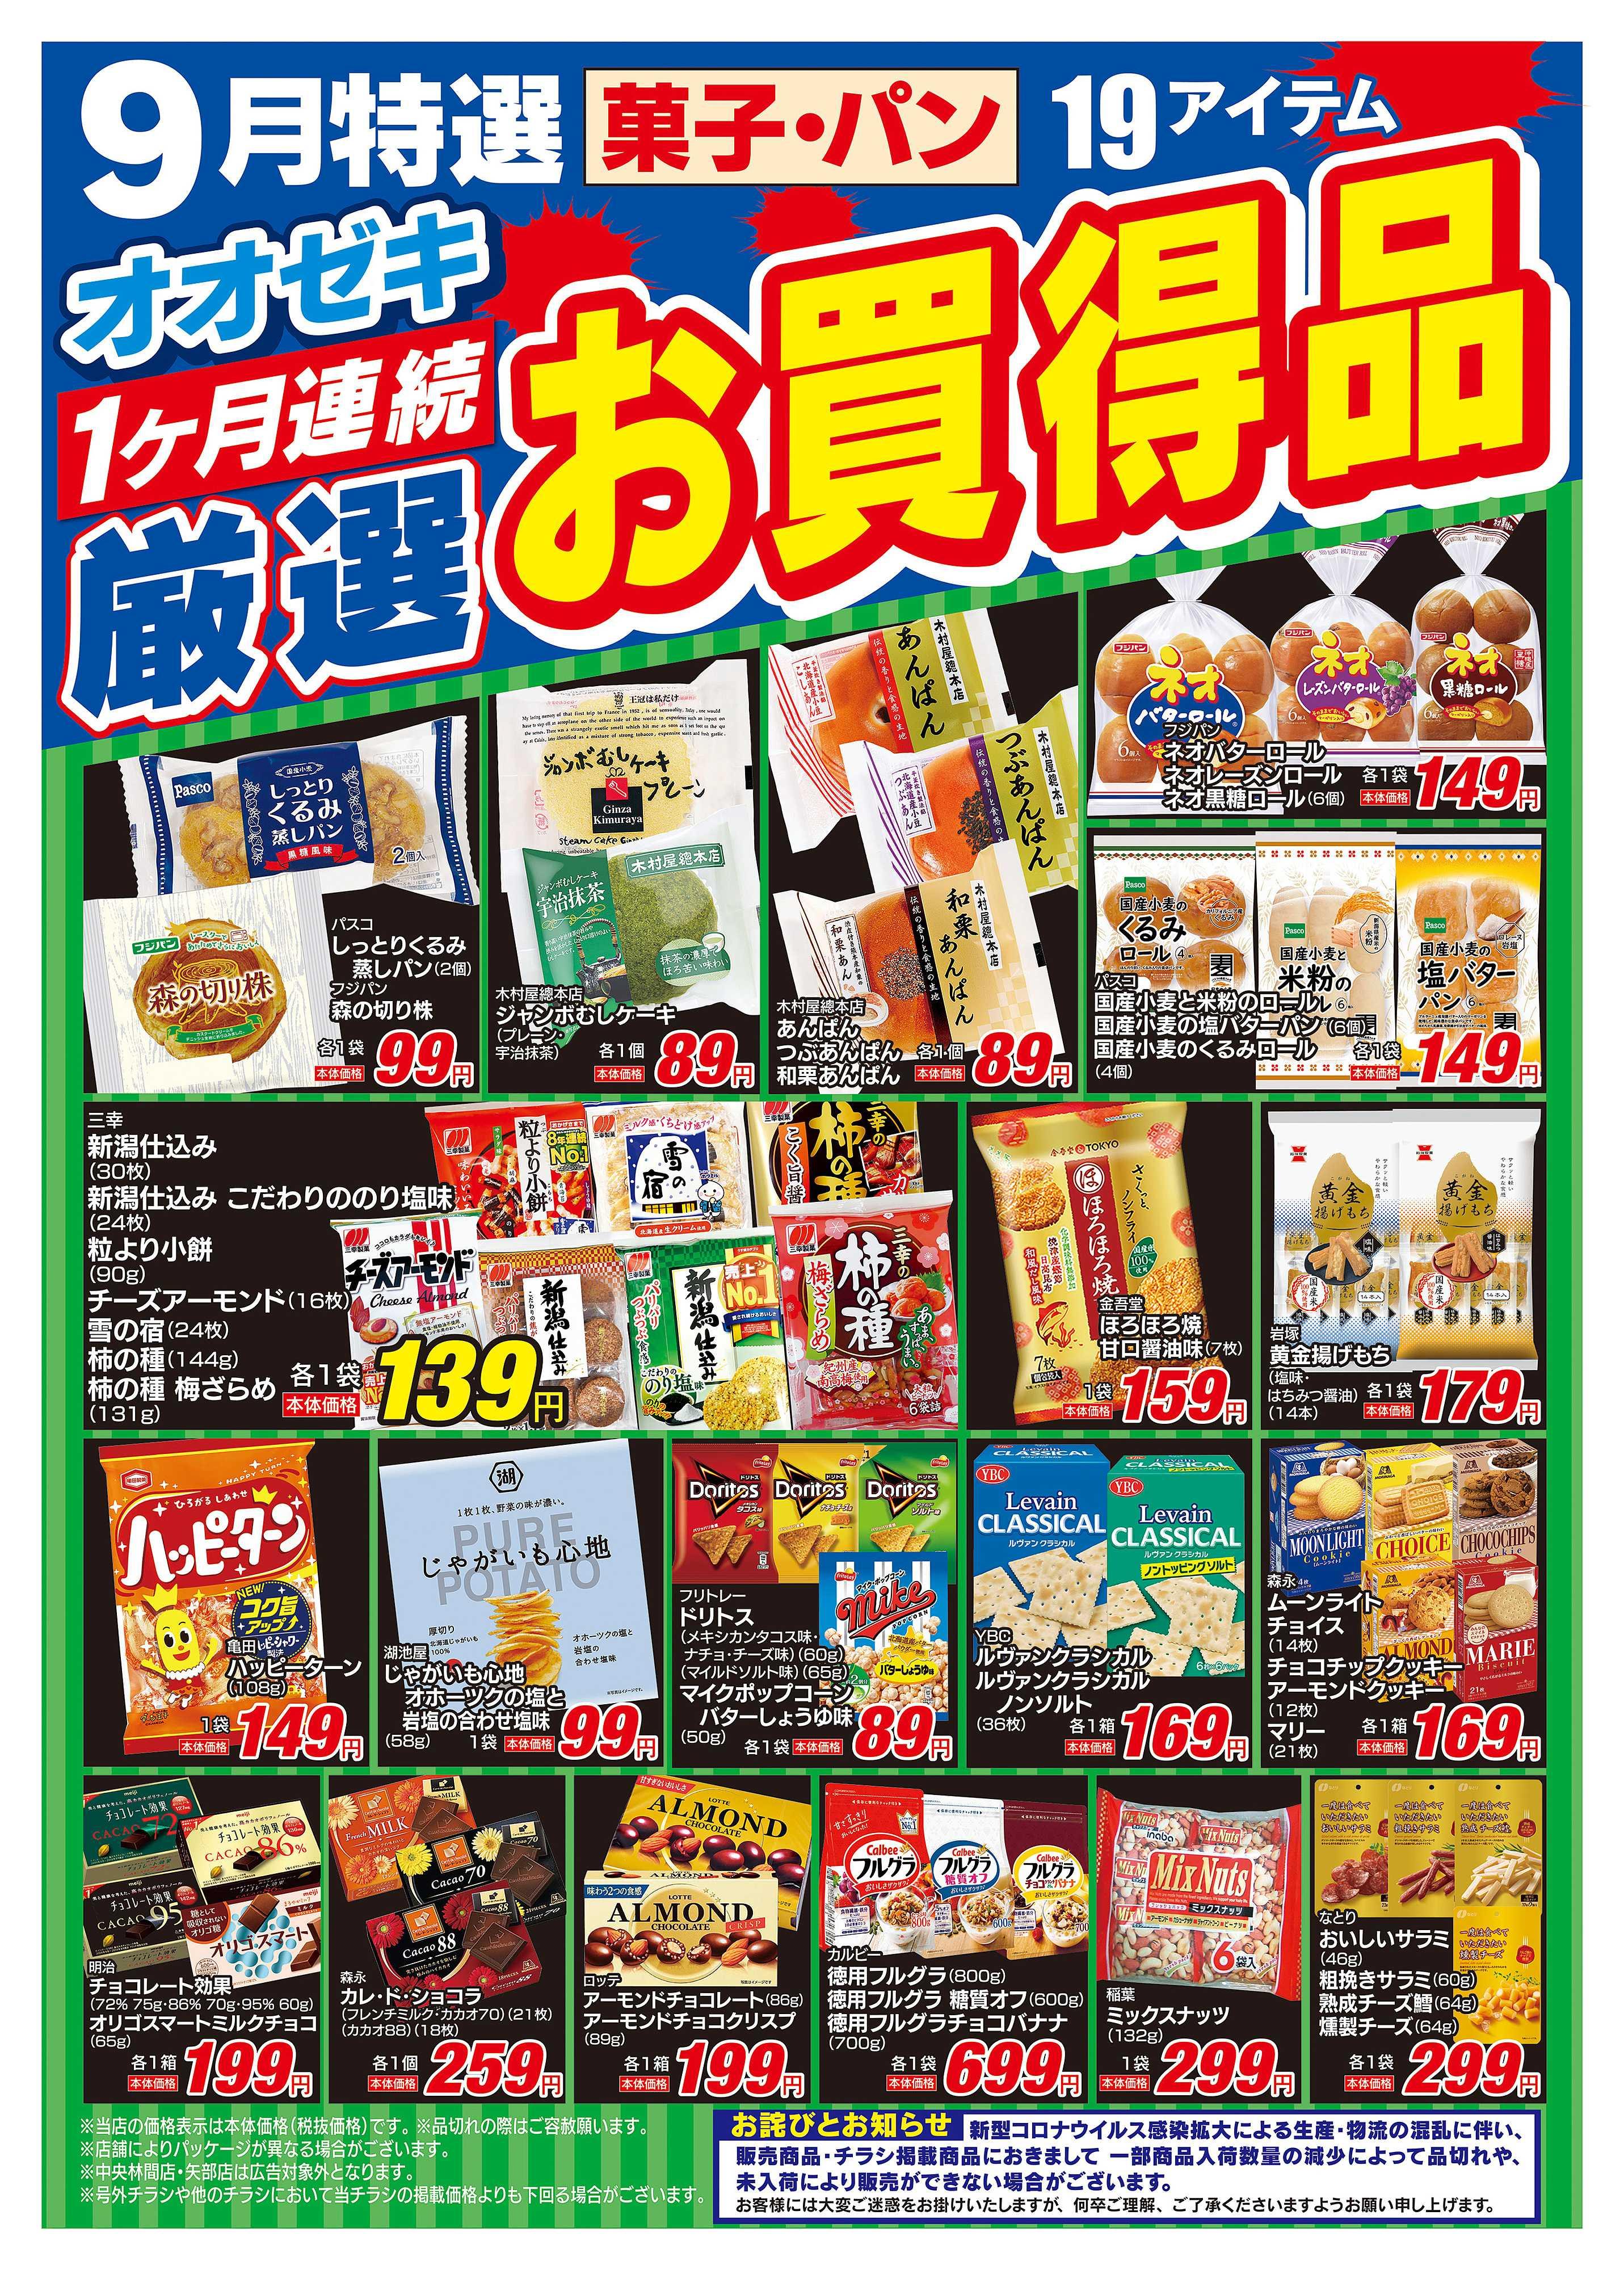 オオゼキ 9月特選菓子・パン 1ヶ月連続厳選お買得品